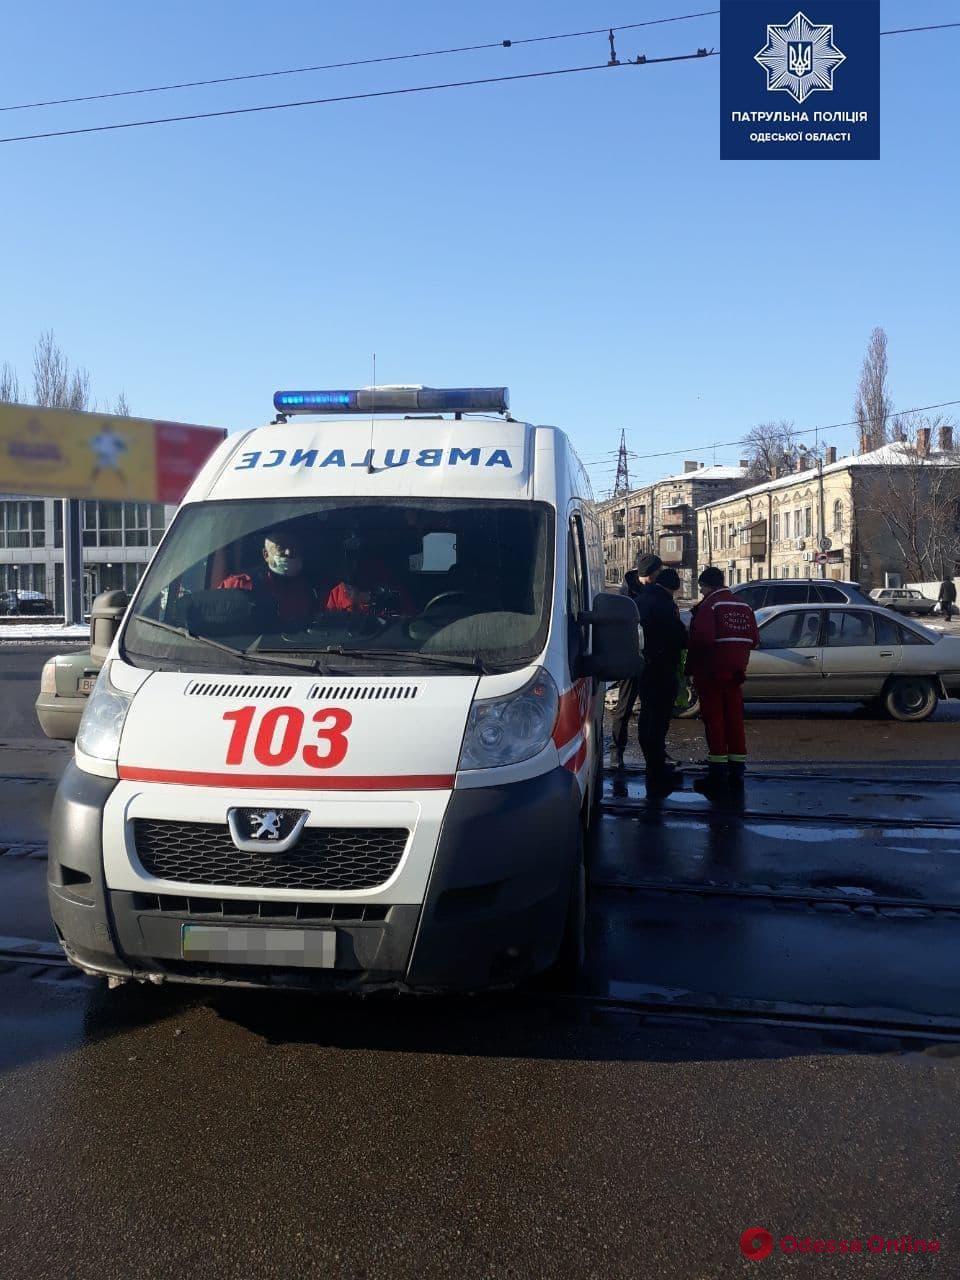 В Одессе произошло ДТП с участием автомобиля скорой помощи